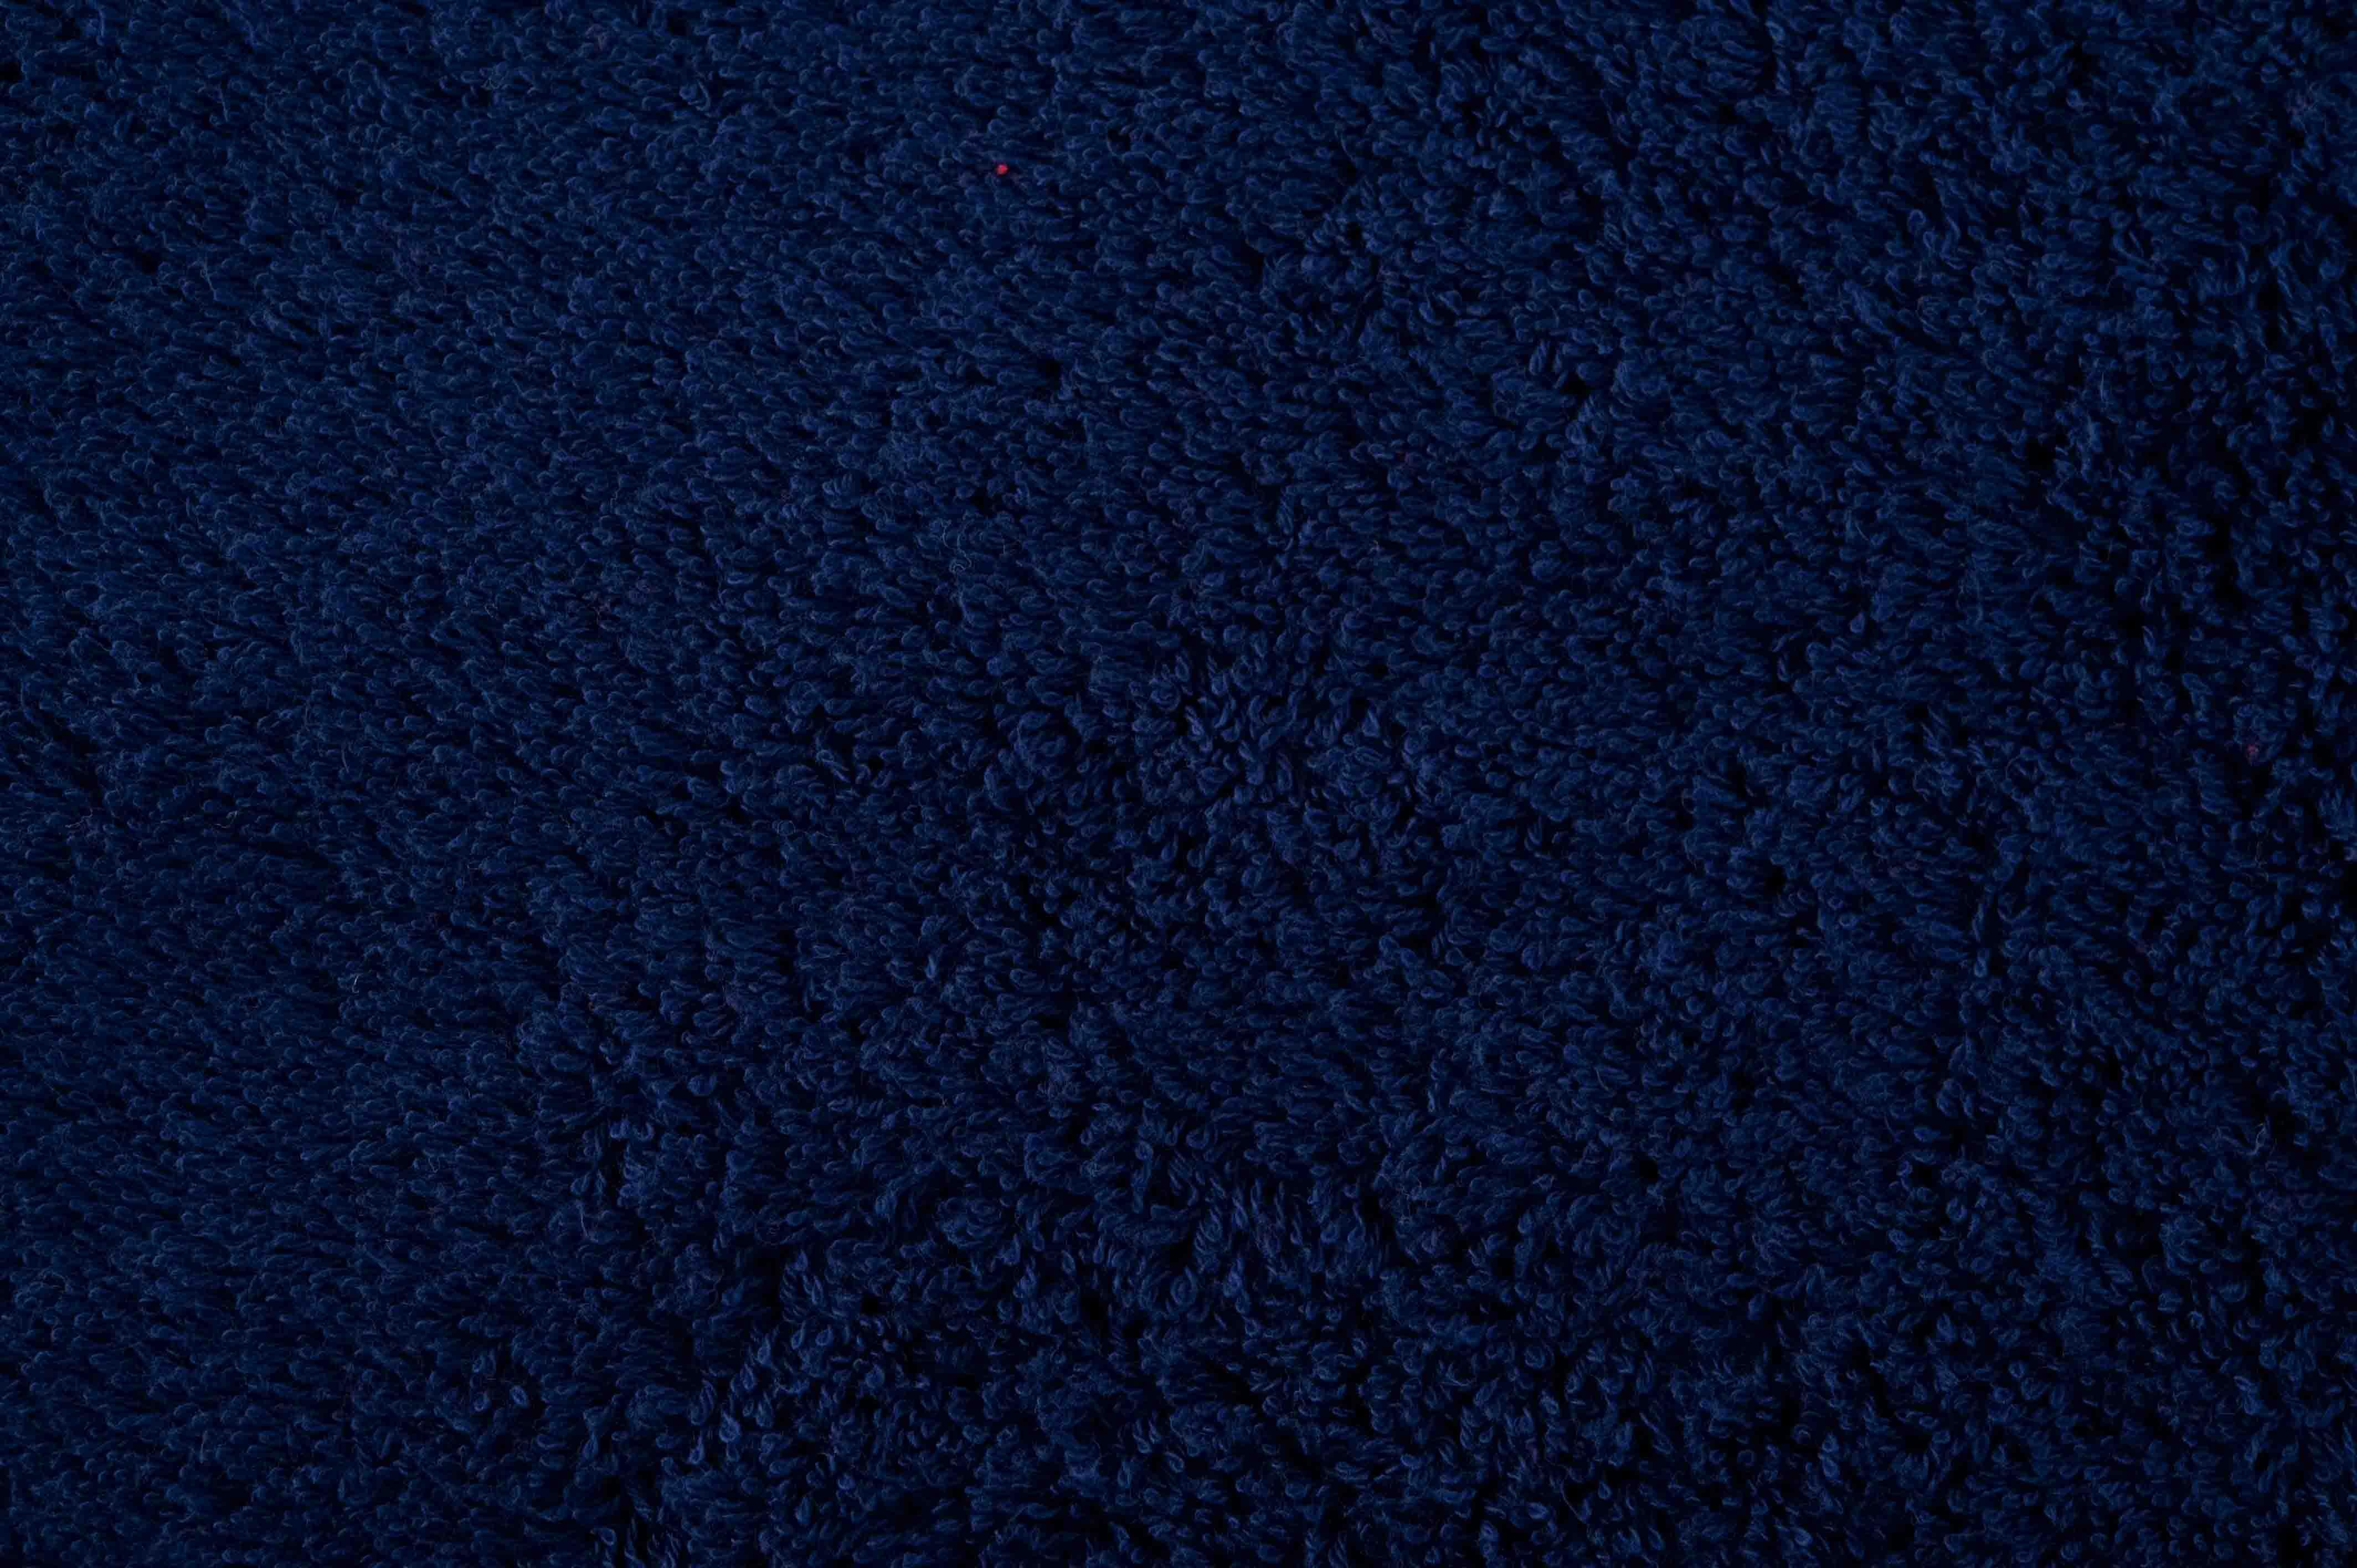 リトルサンシャイン バスタオル ブルー